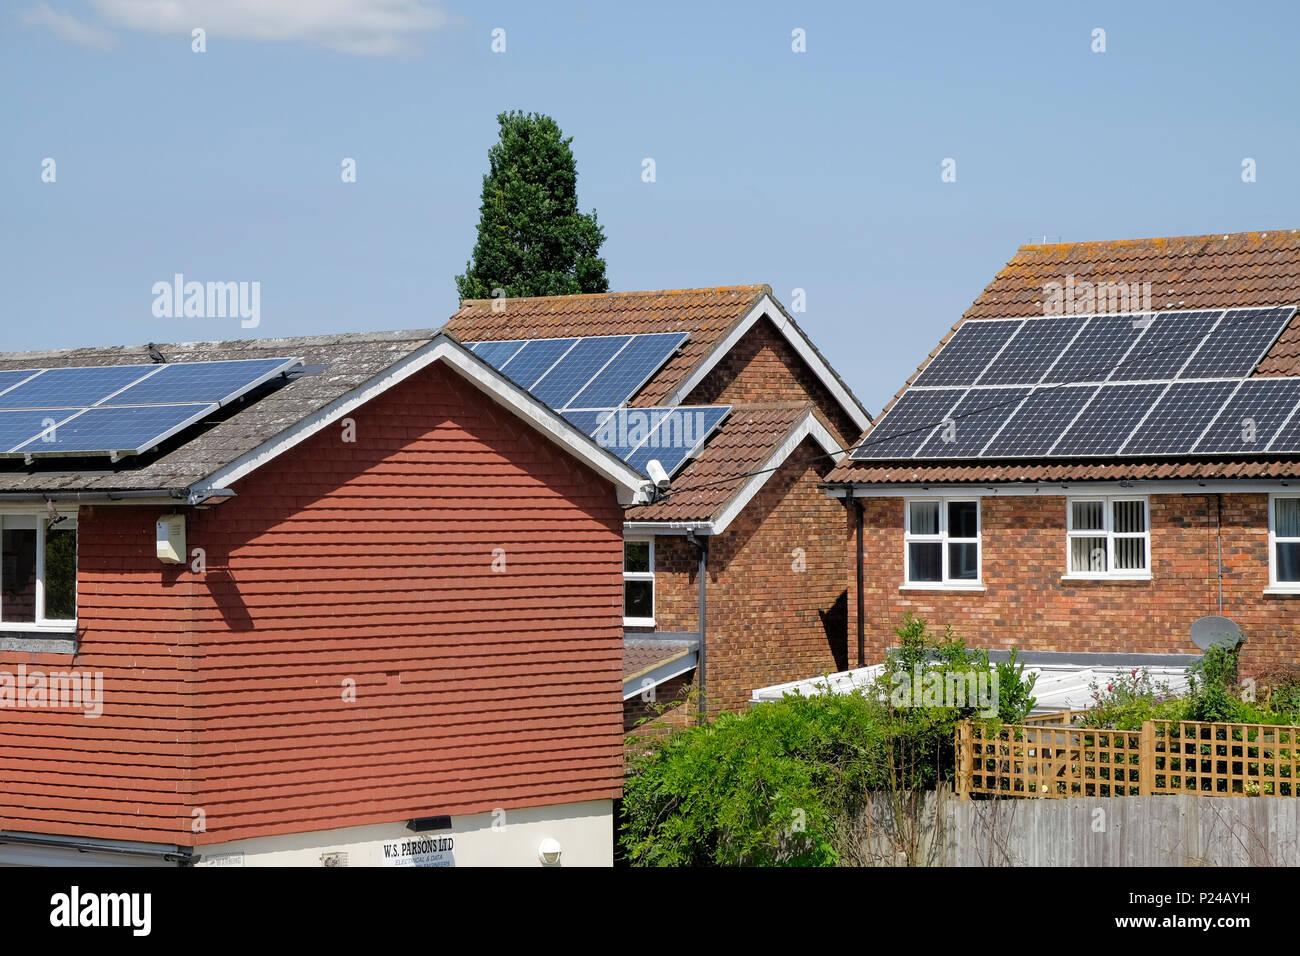 Casas con paneles solares, Kent, UK Imagen De Stock